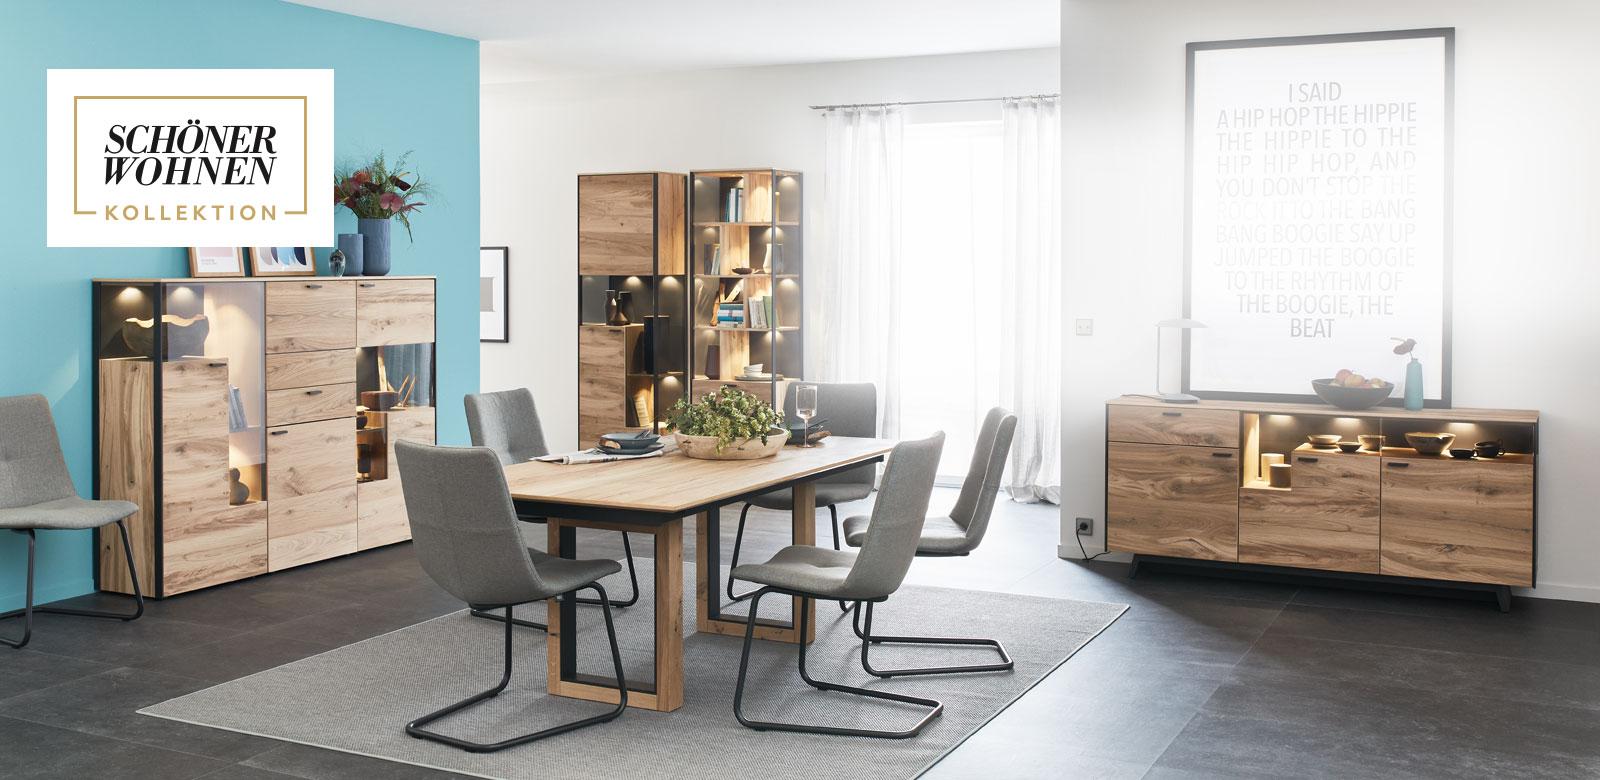 Venjakob Durch Qualität Und Möbel Design Vorsprung MVqGSUzp